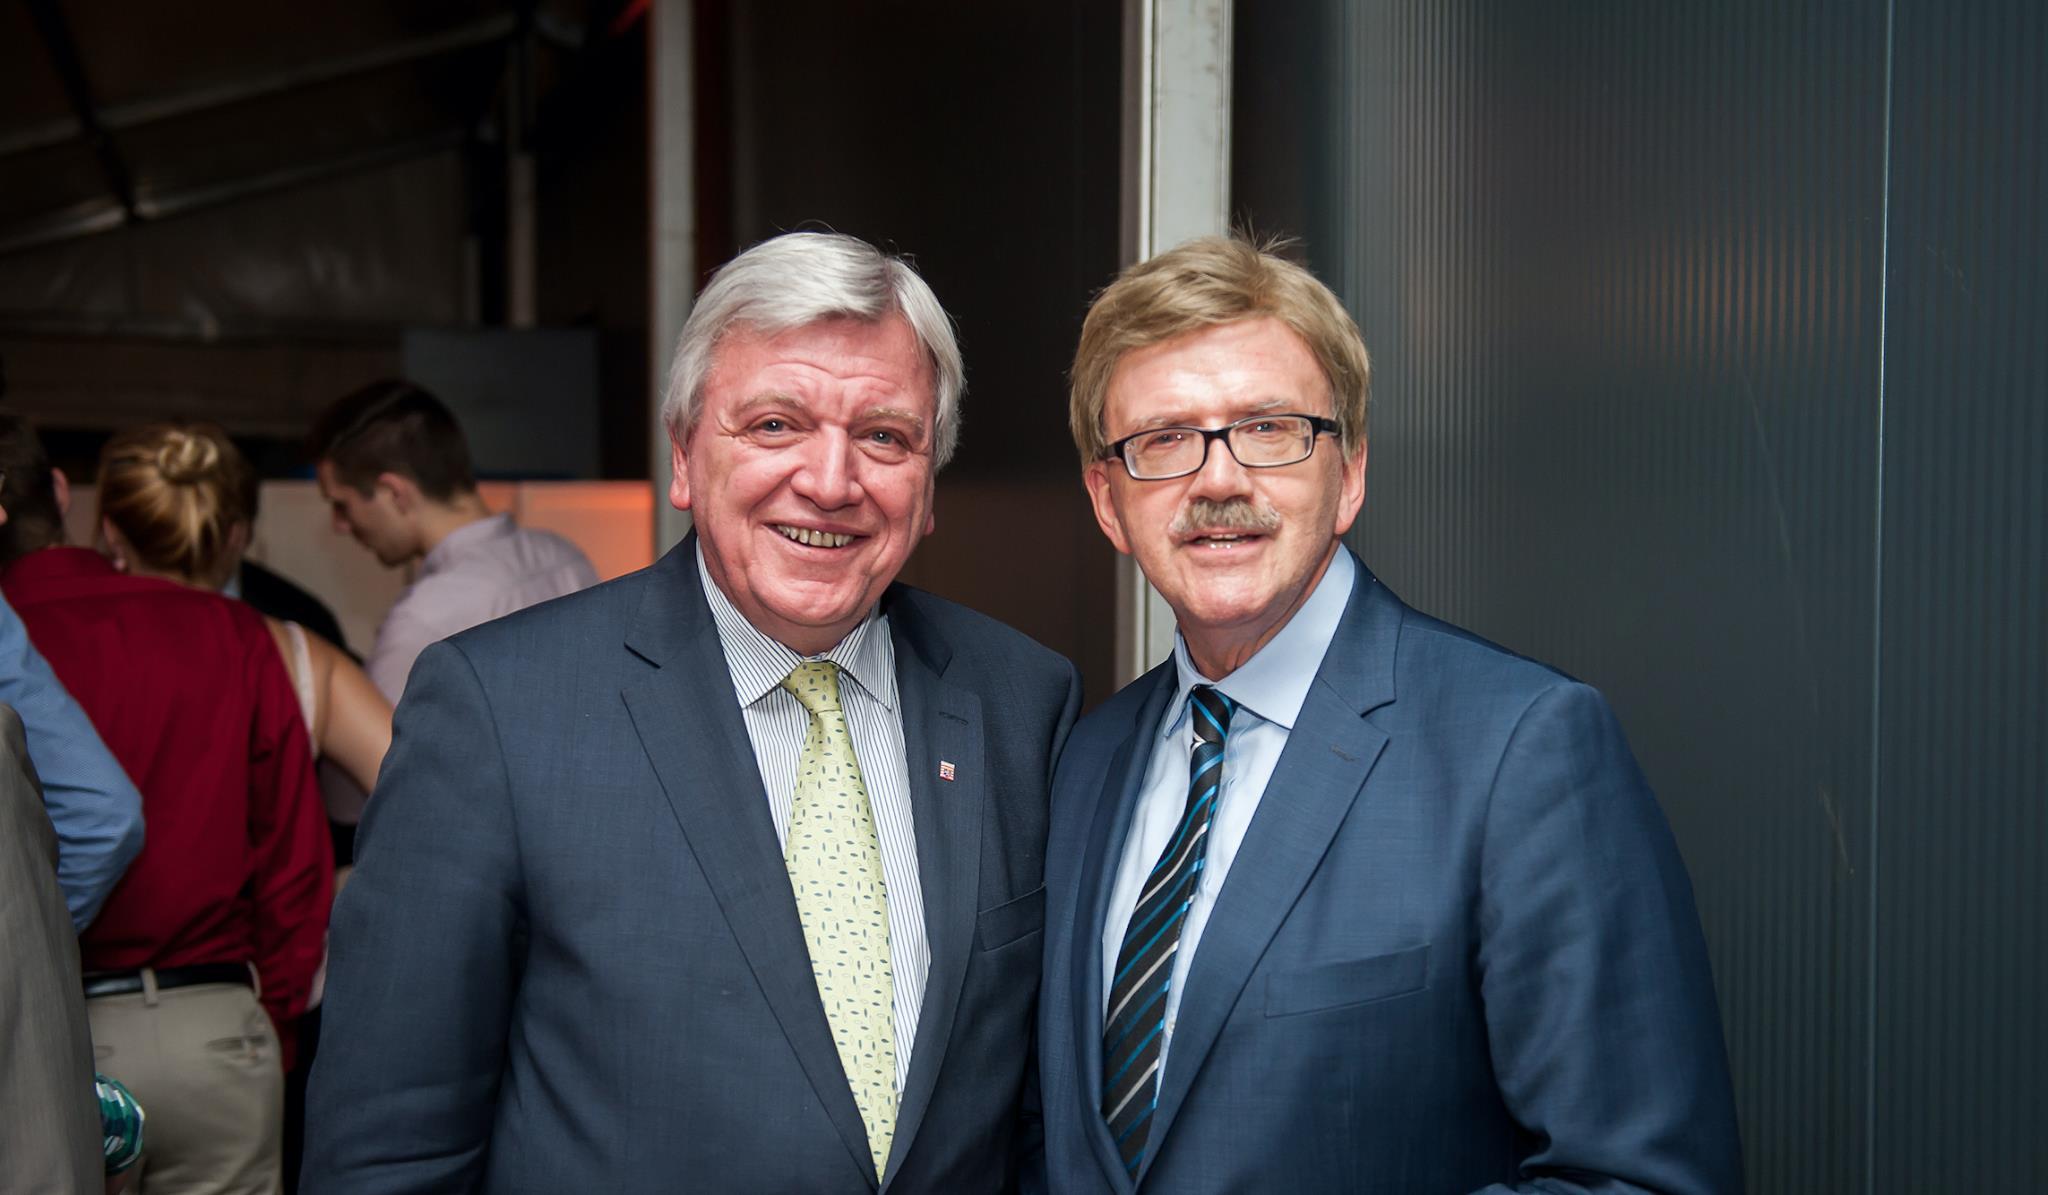 Ministerpräsident Volker Bouffier und Thomas Mann